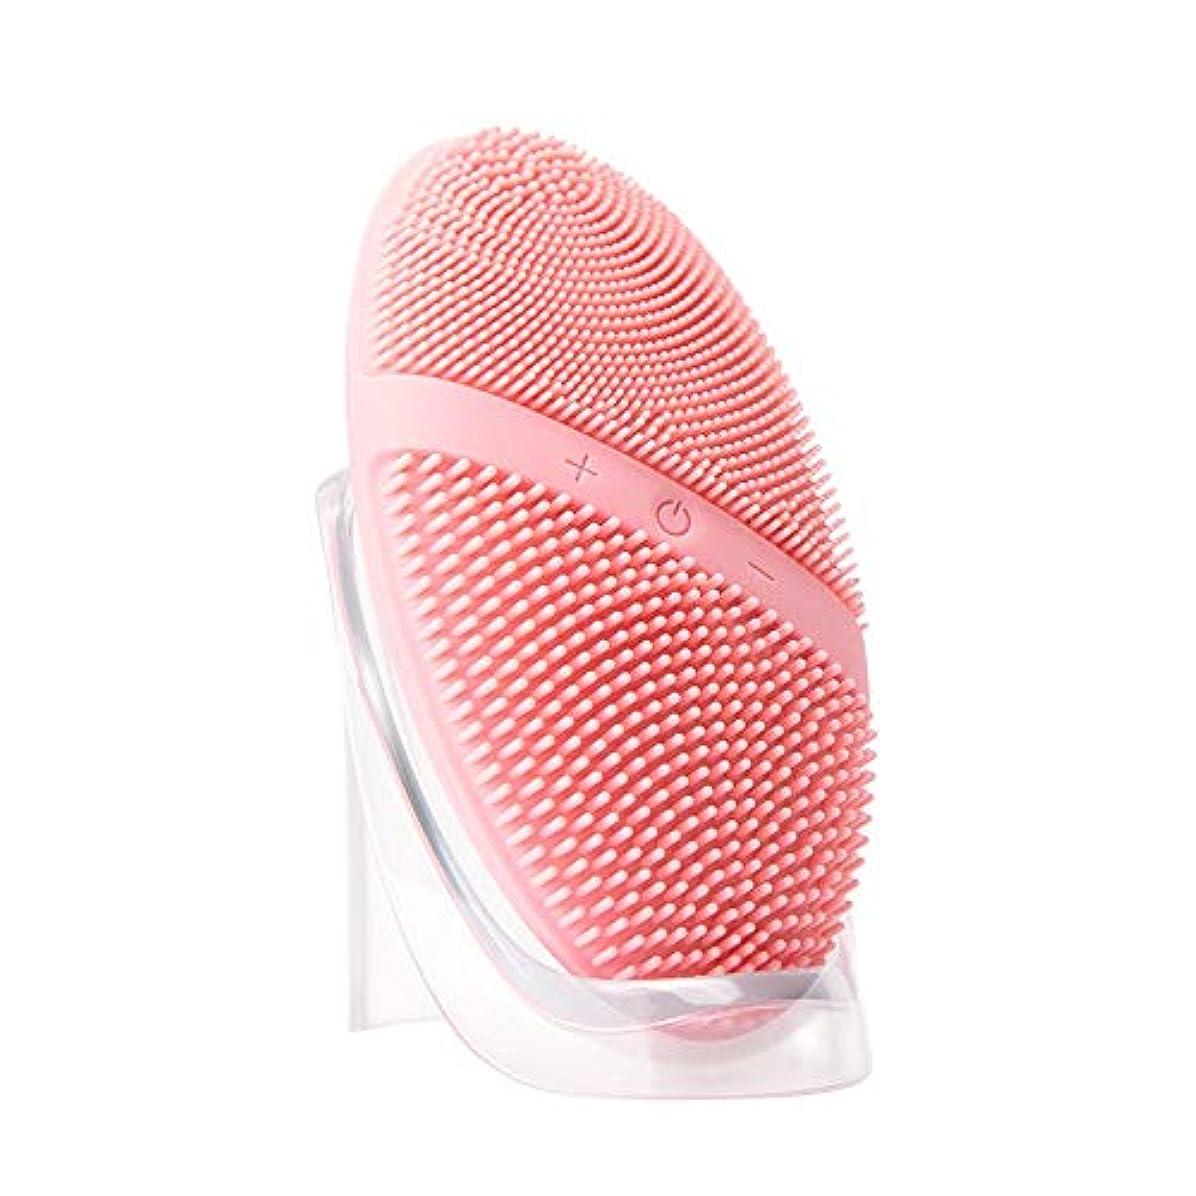 罪ダルセット魔術ZXF 新電気シリコーンクレンジングブラシ防水超音波振動クレンジング楽器深い洗浄毛穴洗浄器具マッサージ器具美容器具 滑らかである